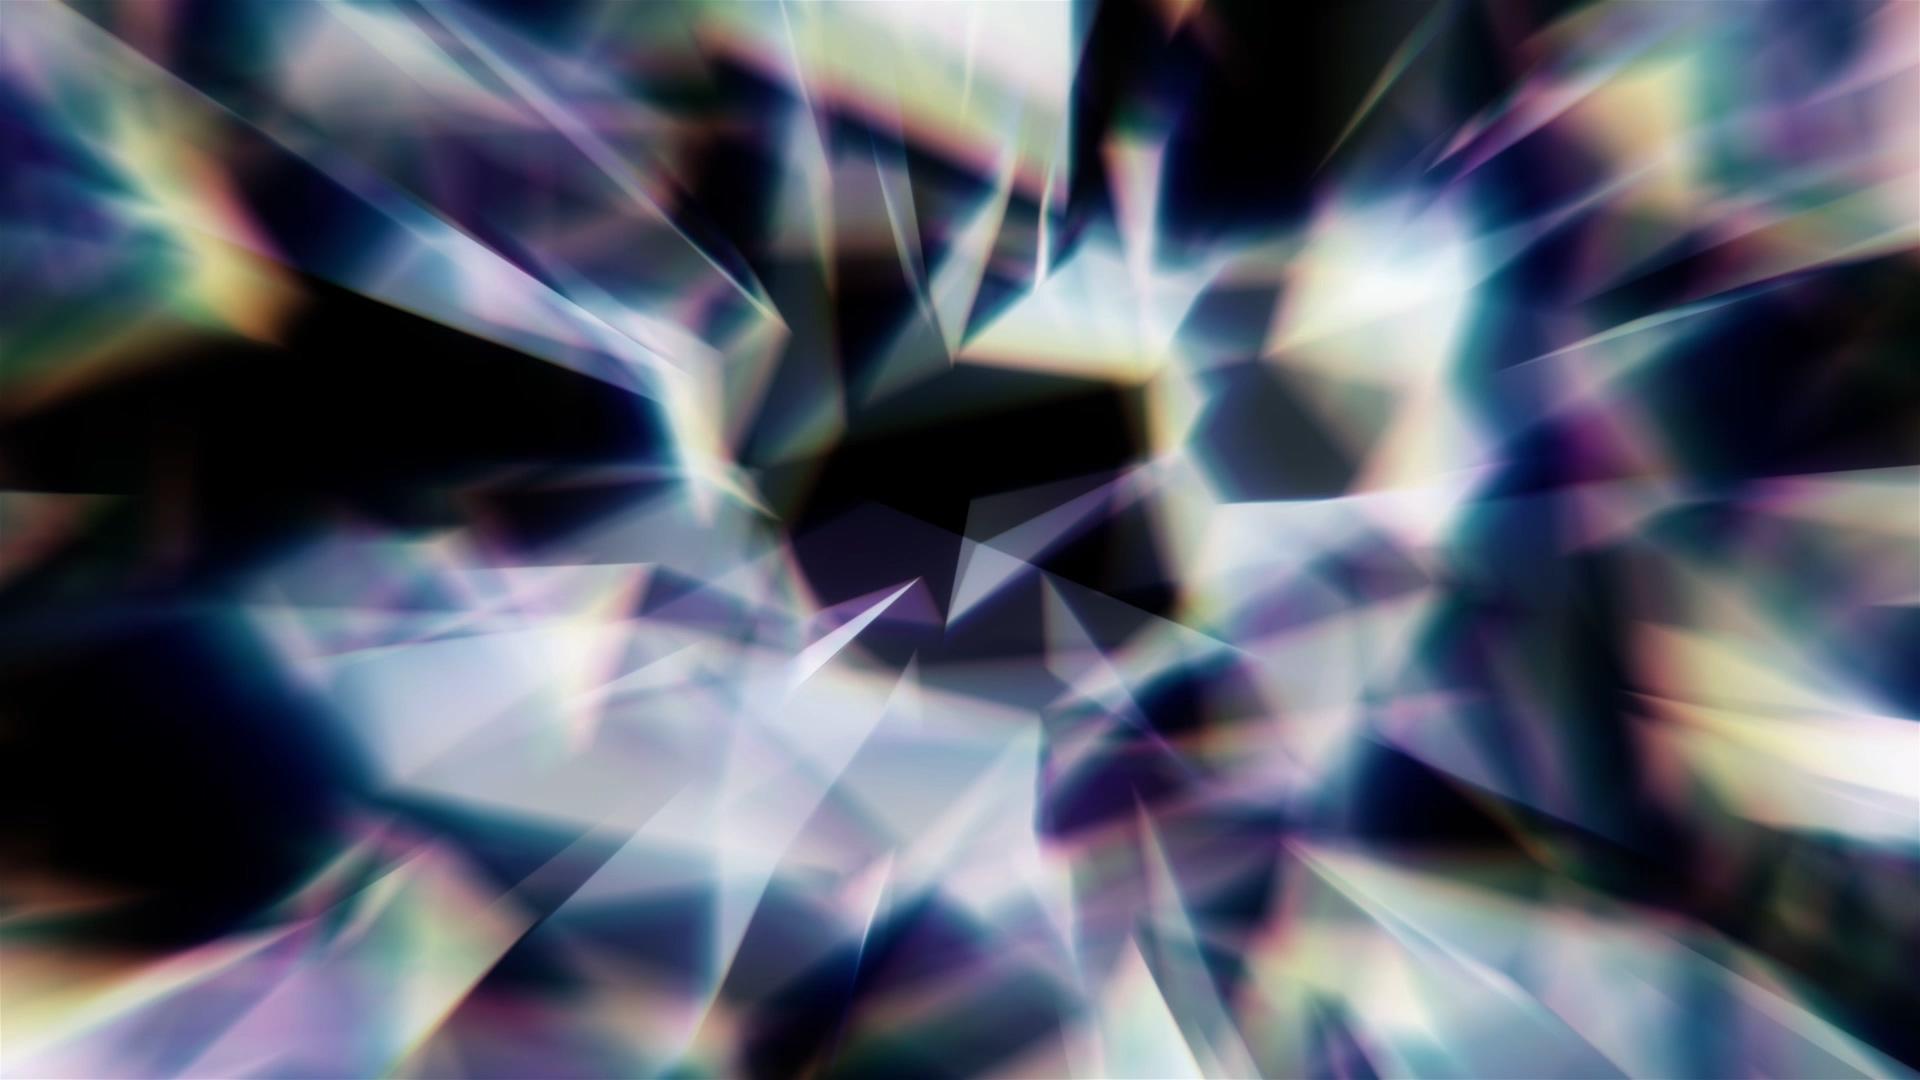 KatZhu_Spectrum_06